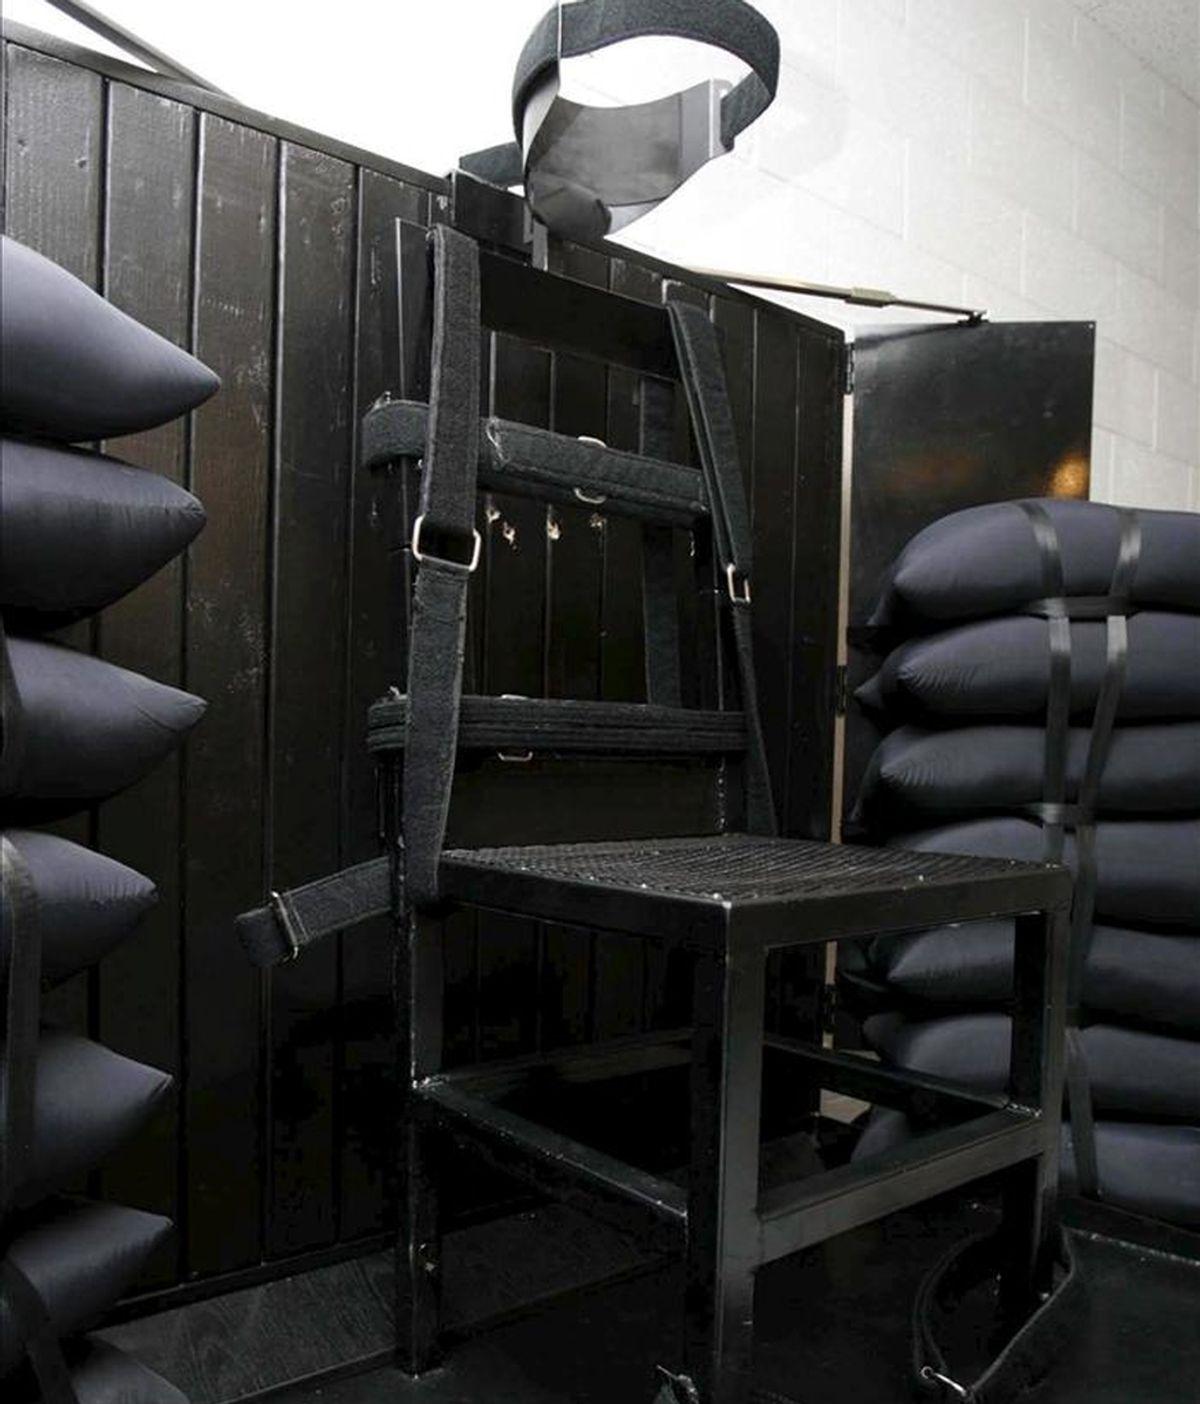 Imagen de la cámara de ejecución de la prisión estatal de Utah en las afueras de Salt Lake City, Utah. EFE/Archivo